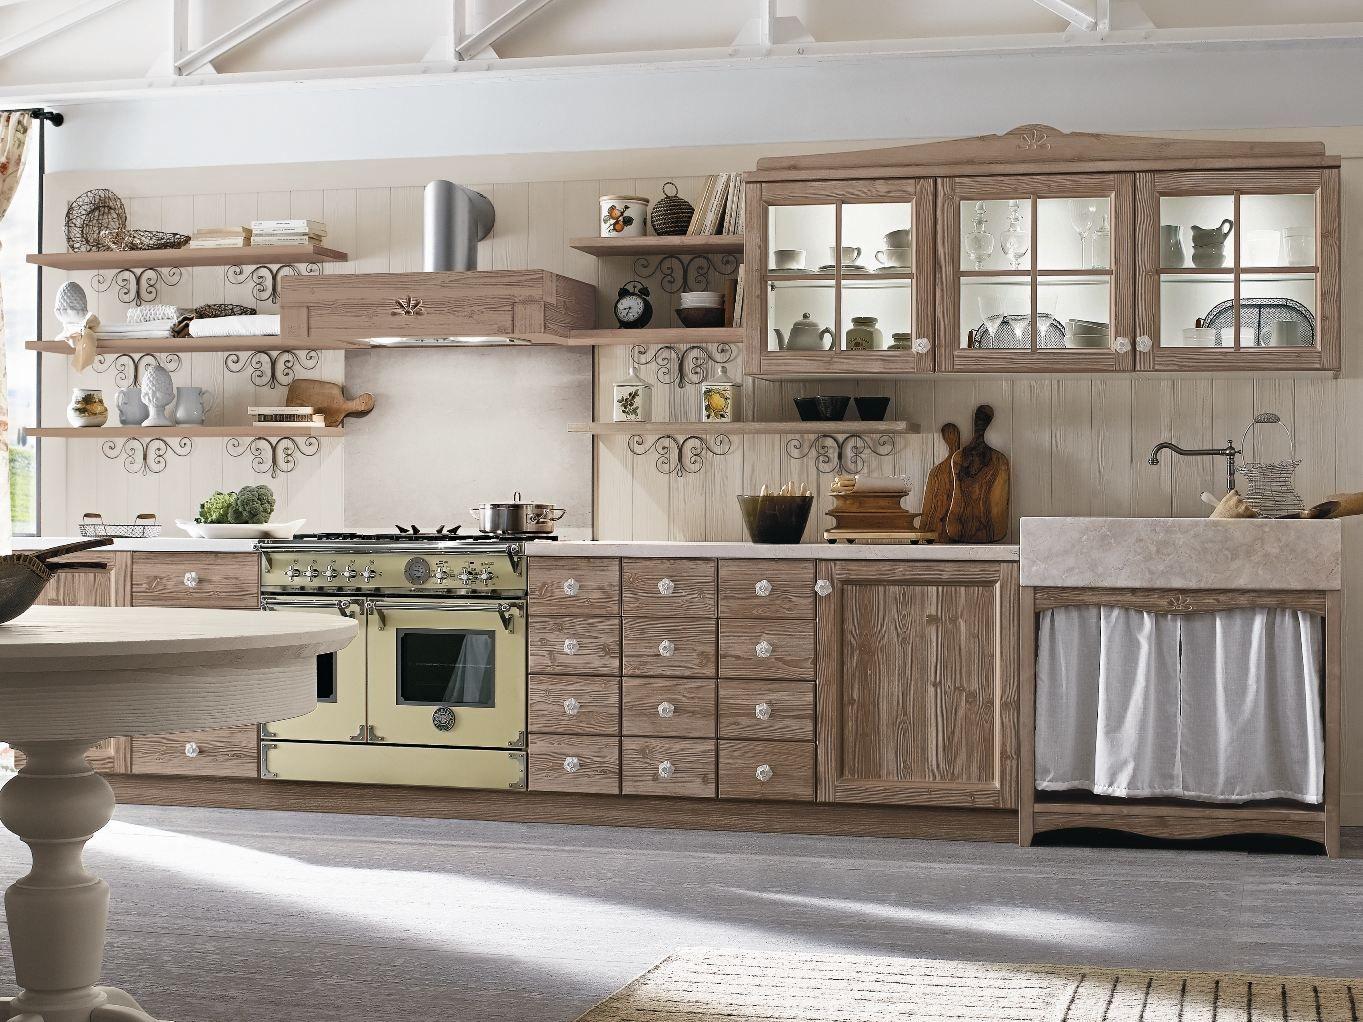 EVERY DAY Cucina lineare by Callesella Arredamenti S.r.l.